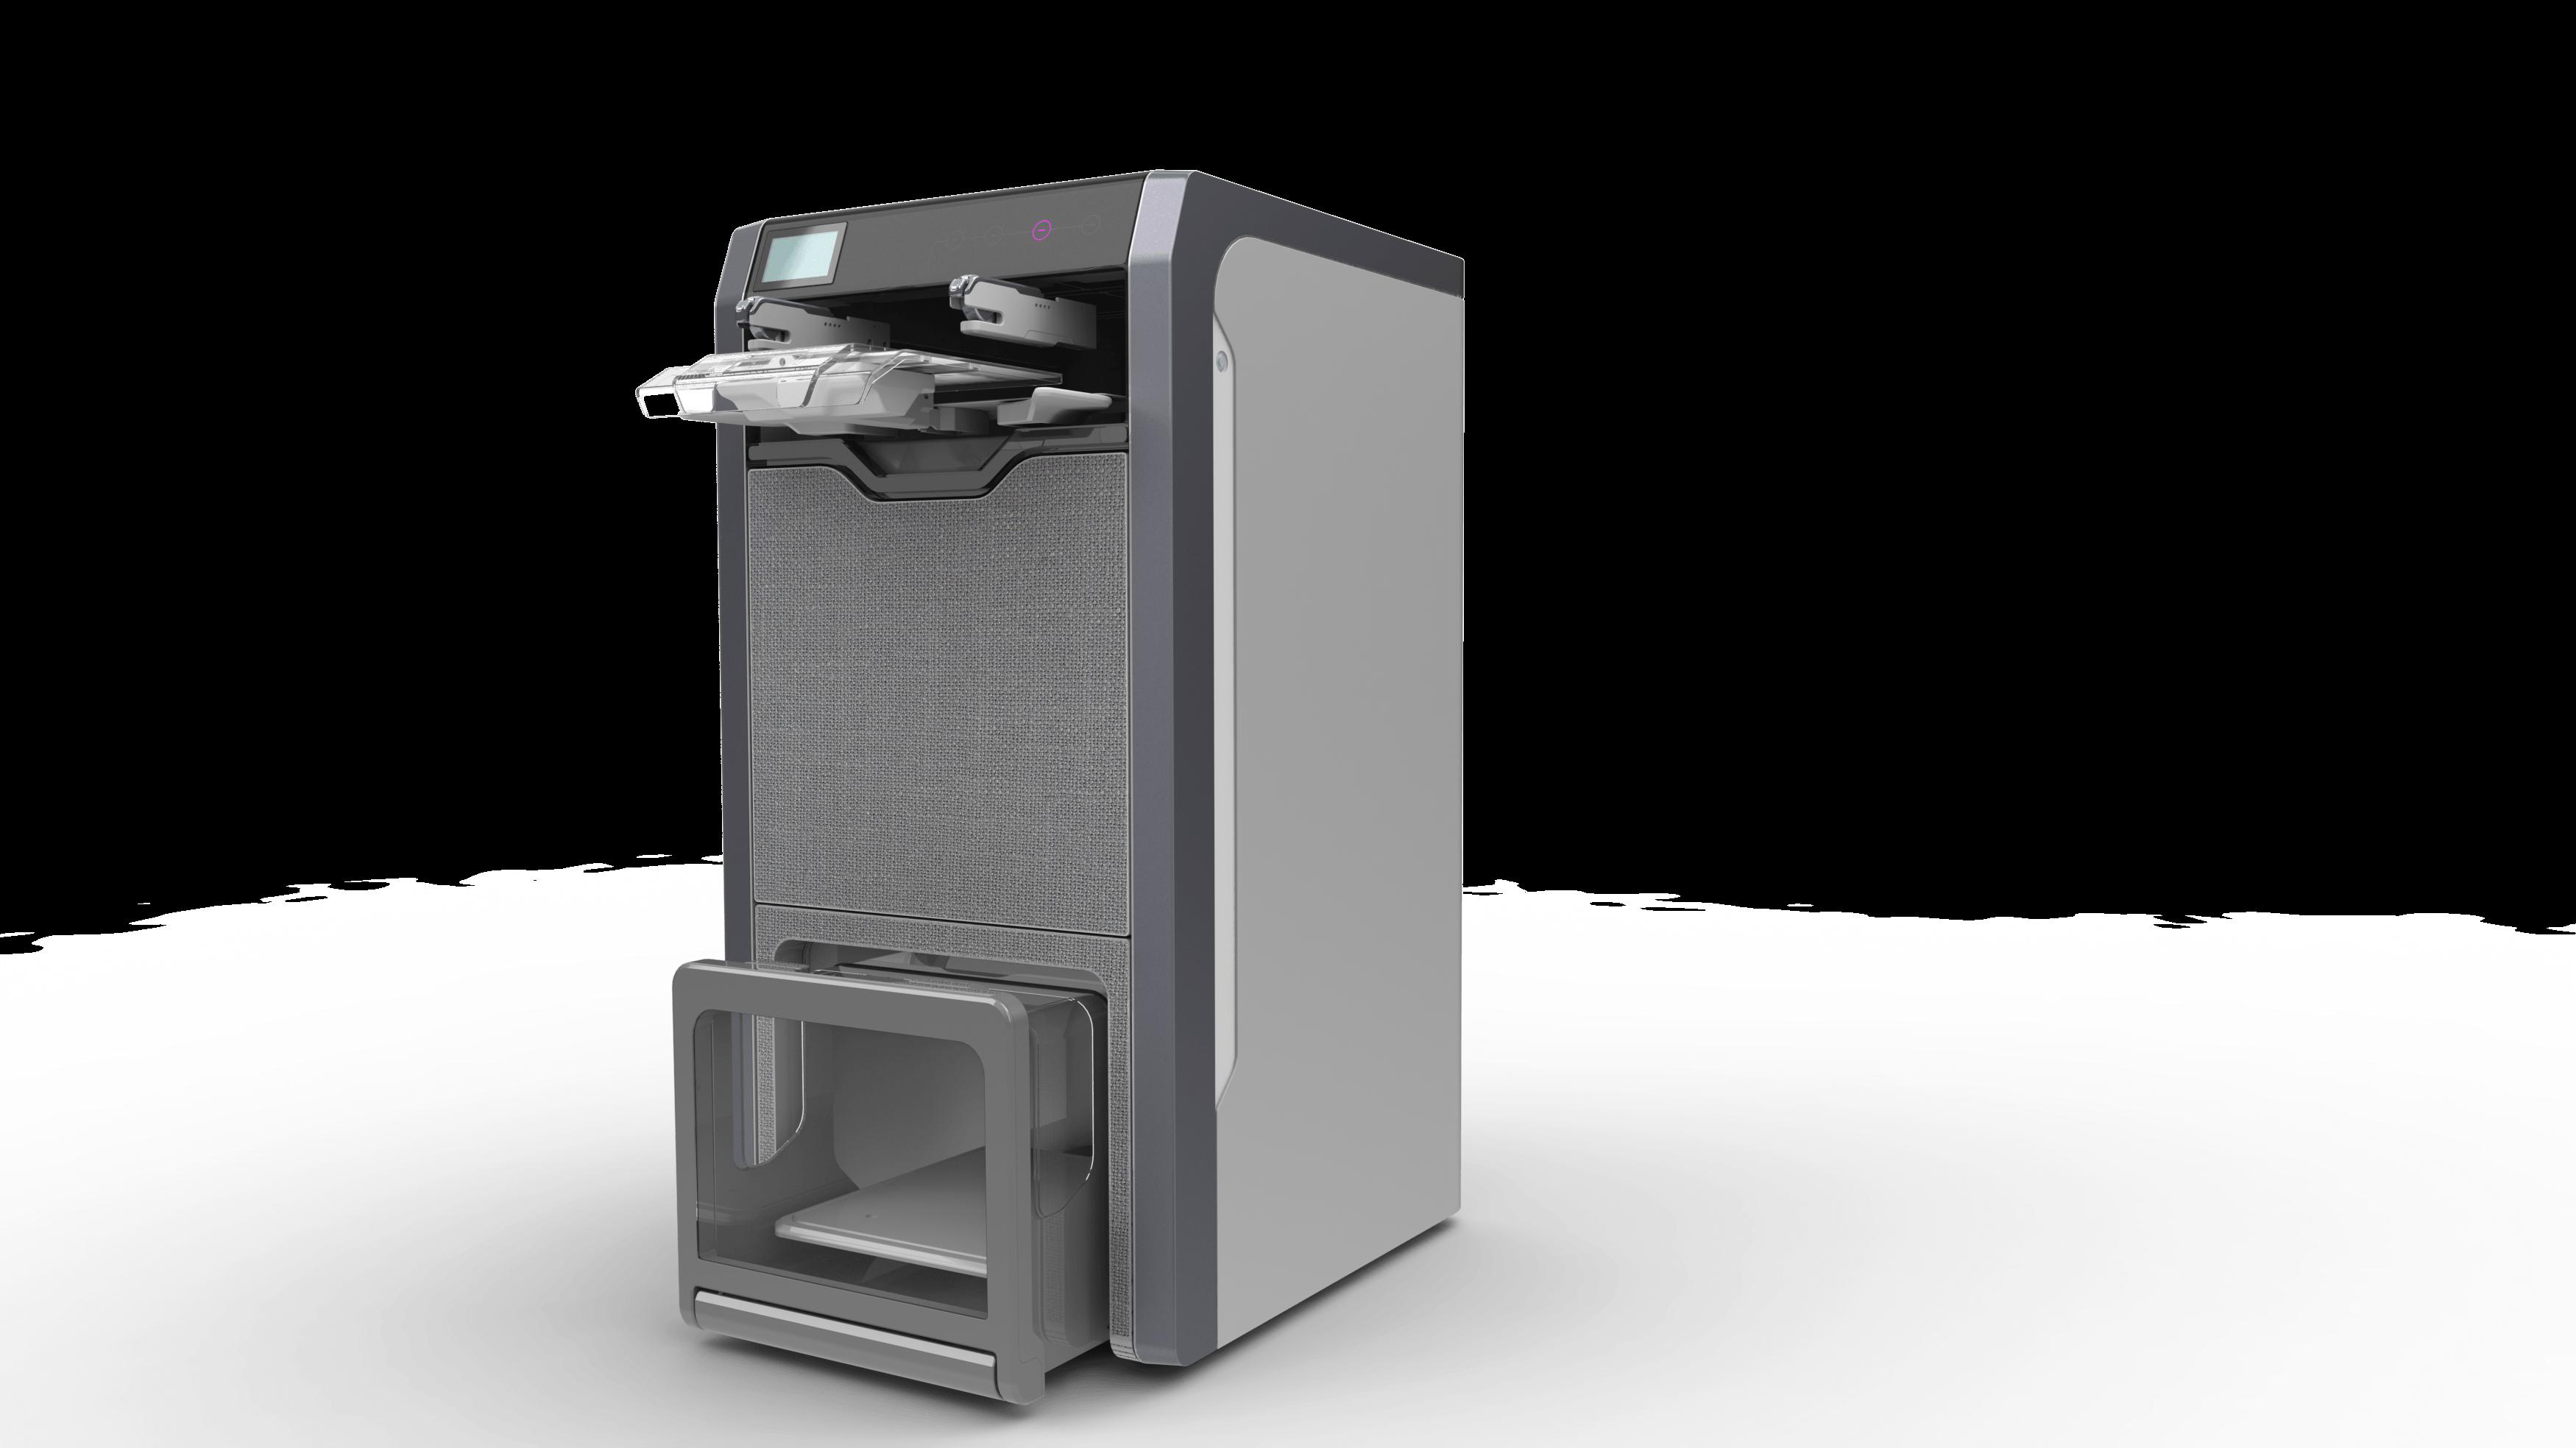 FoldiMate-GREY-open FoldiMate : le robot qui peut plier le linge